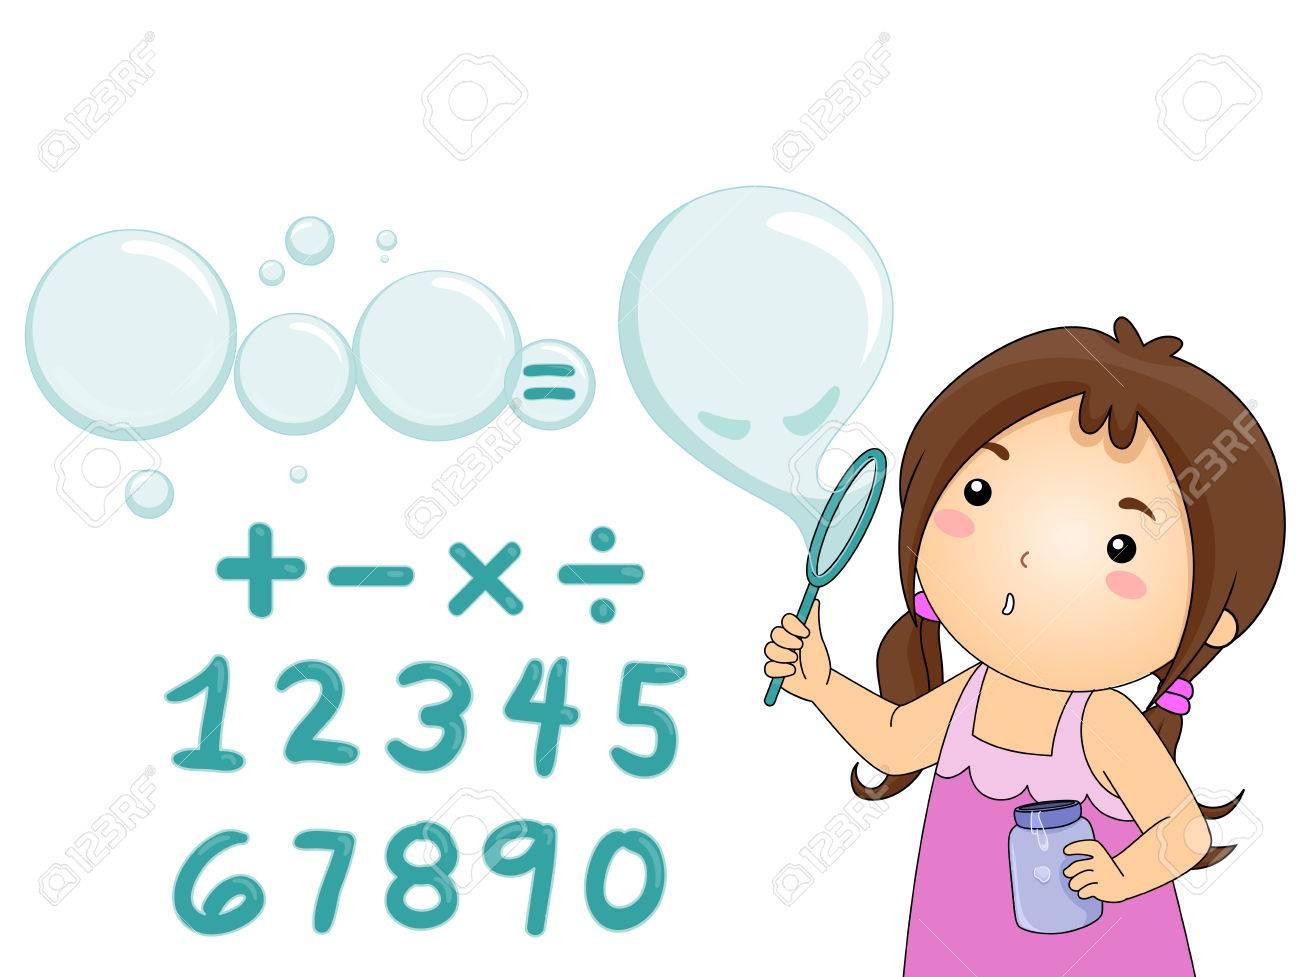 Illustration Eines Kleinen Mdchens Blowing Bubbles Ber Math